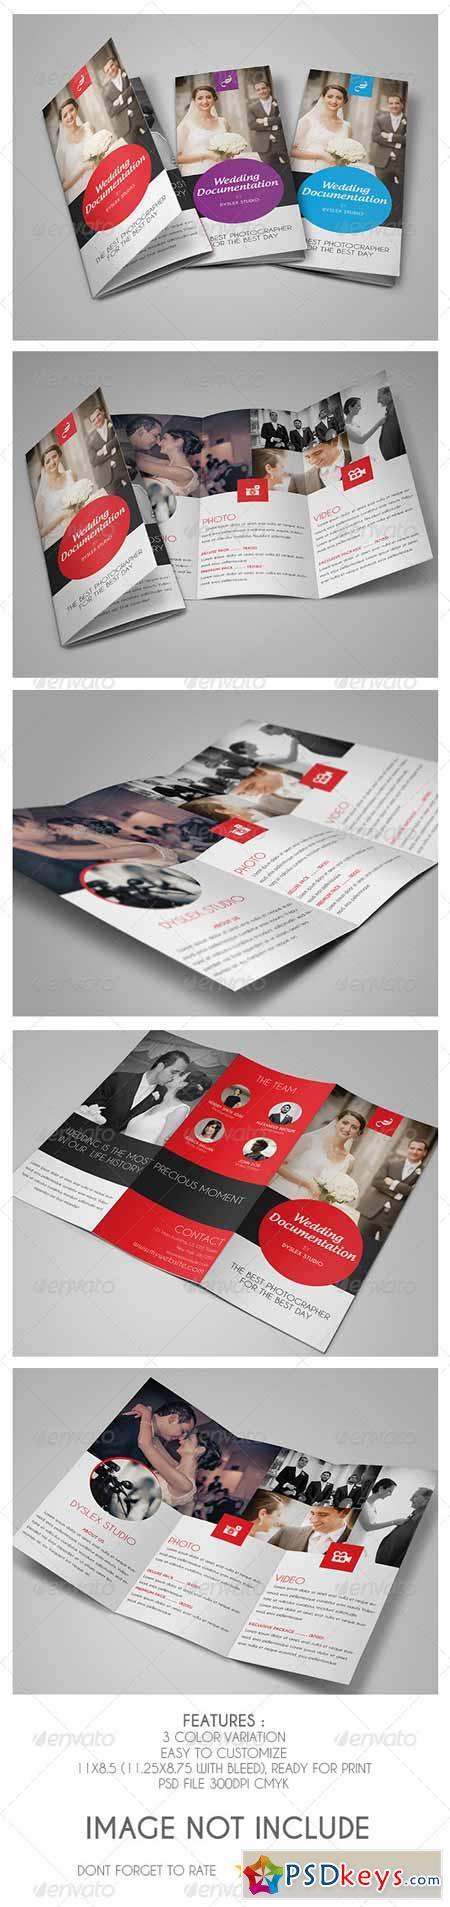 Wedding Documentation Trifold 5445802